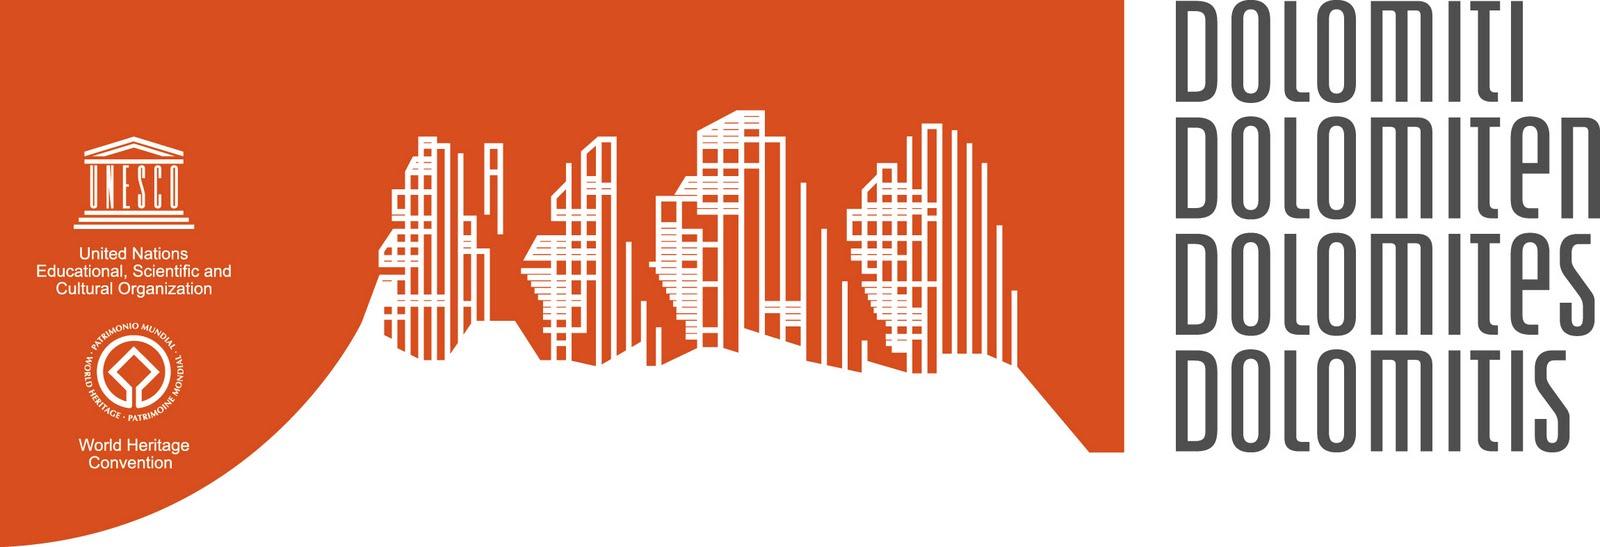 dolomiti_unesco_dolomites_dolomiten_logo.jpg